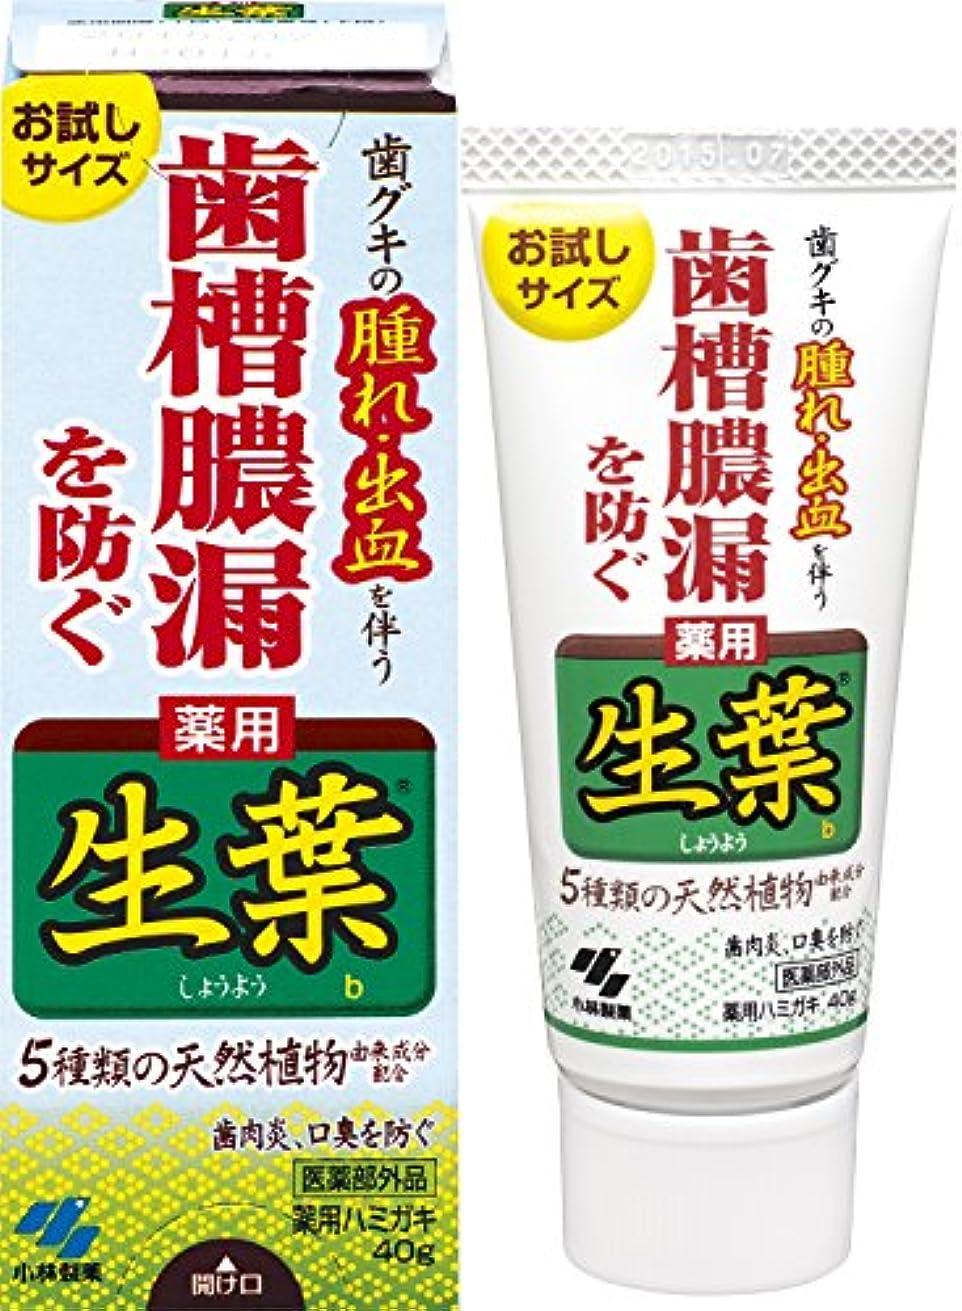 請求可能脊椎レルム生葉(しょうよう)お試しサイズ 歯槽膿漏を防ぐ 薬用ハミガキ ハーブミント味 40g 【医薬部外品】